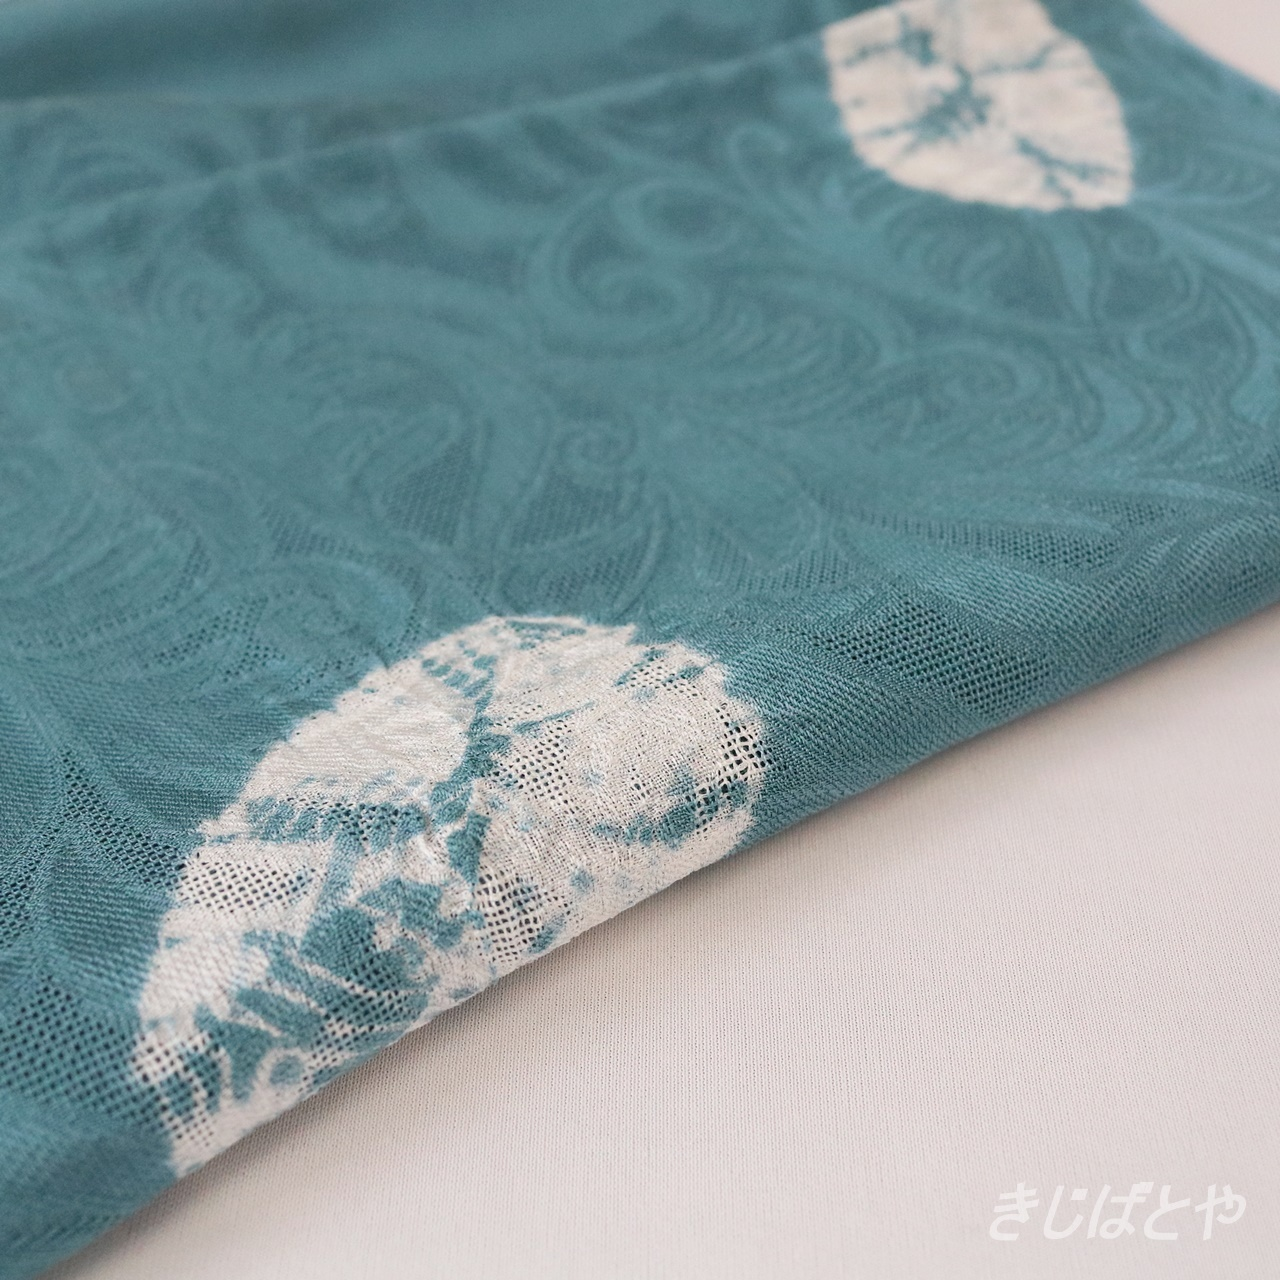 正絹絽 絞りの帯揚げ 藍砥茶